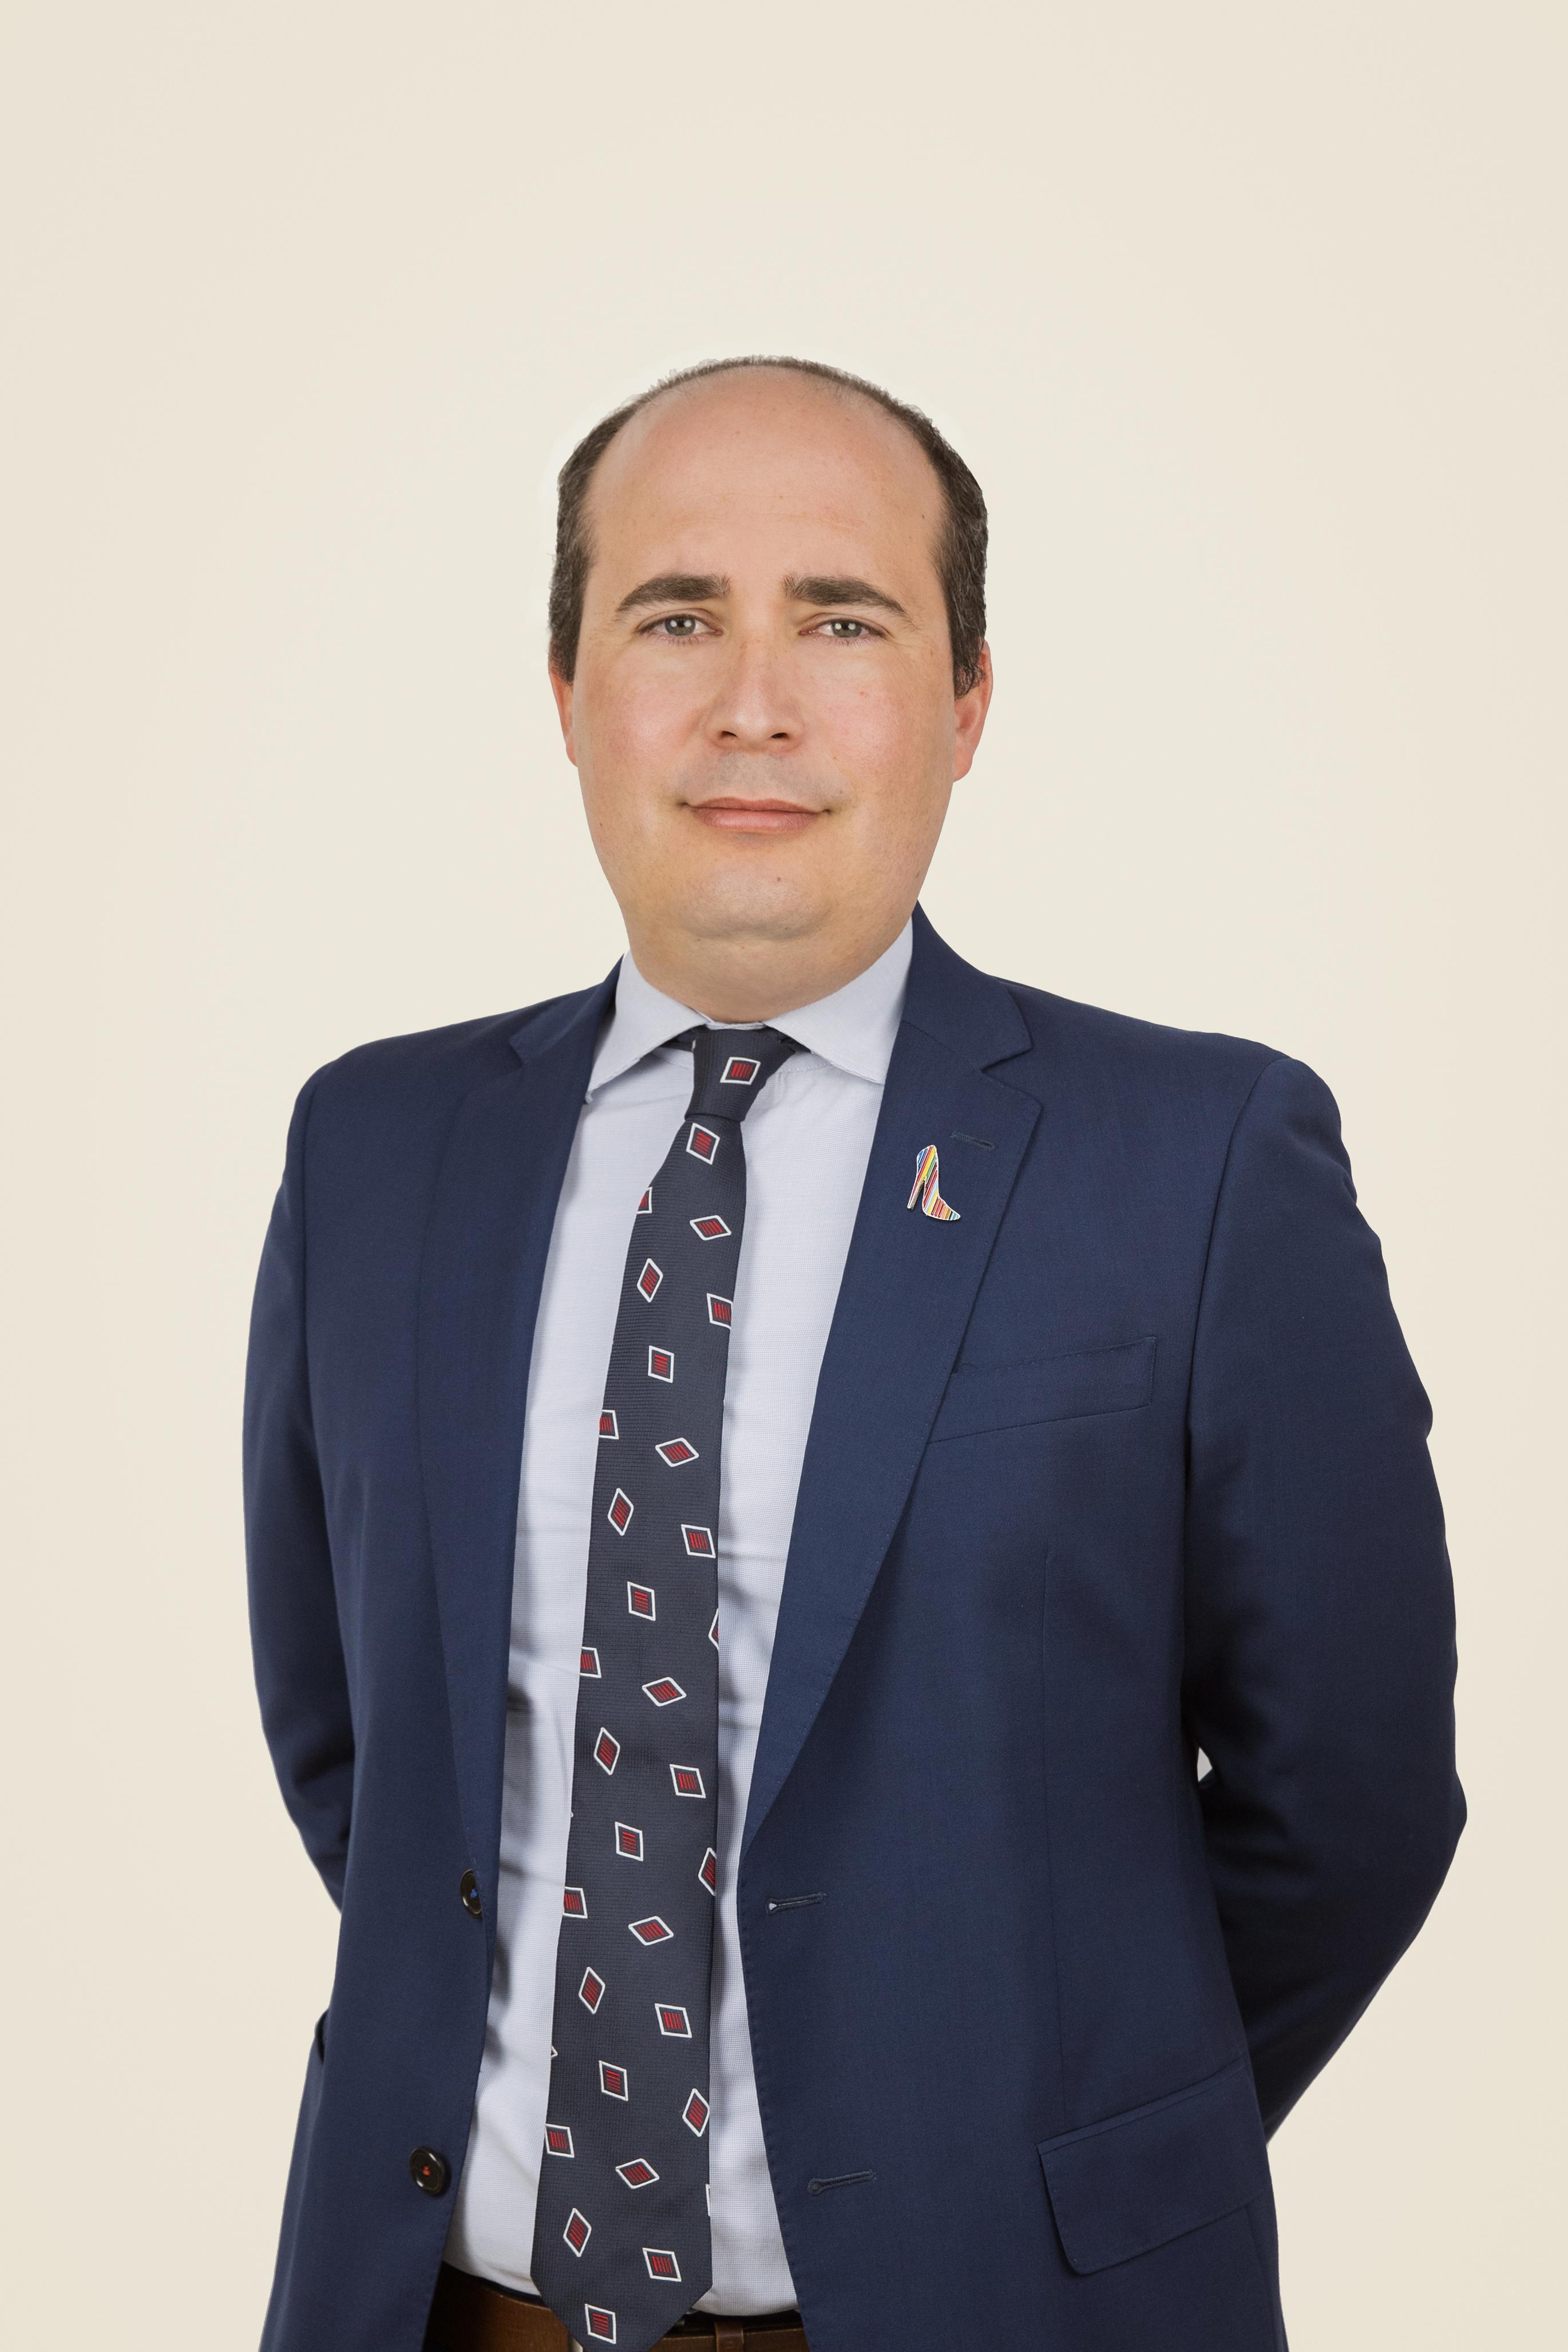 Óscar López Díez